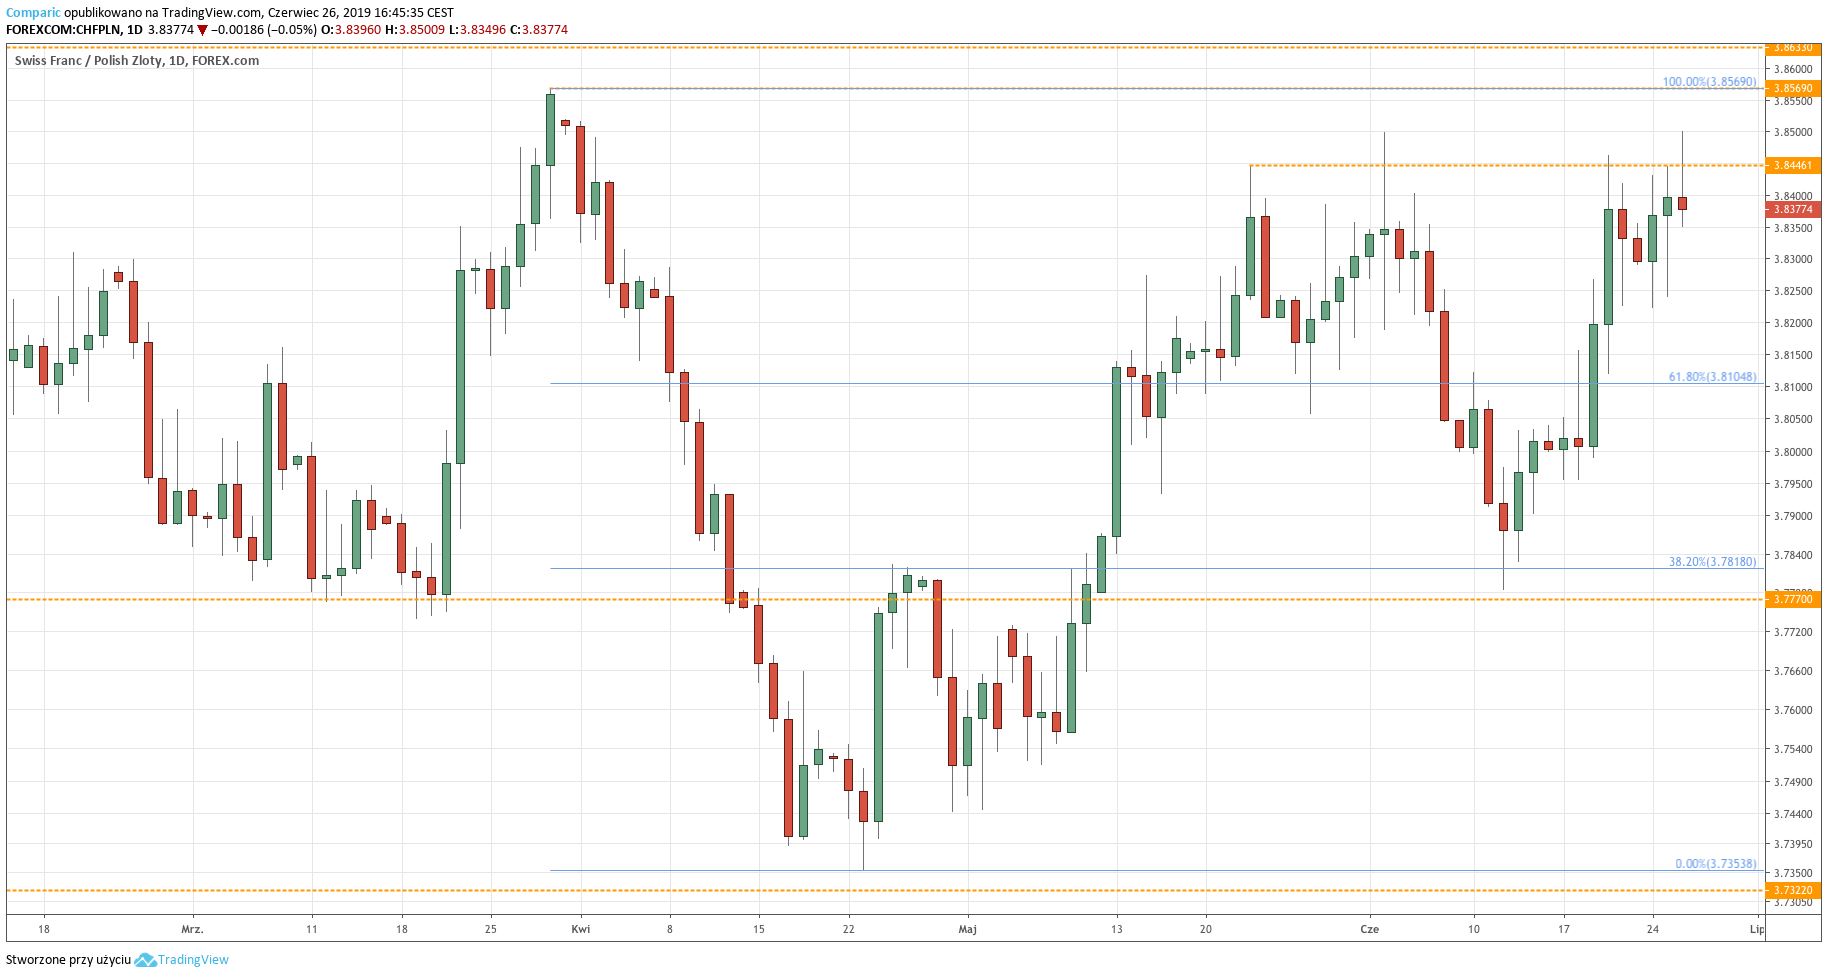 Kurs franka do złotego (CHF/PLN) - wykres dzienny - 26 czerwca 2019